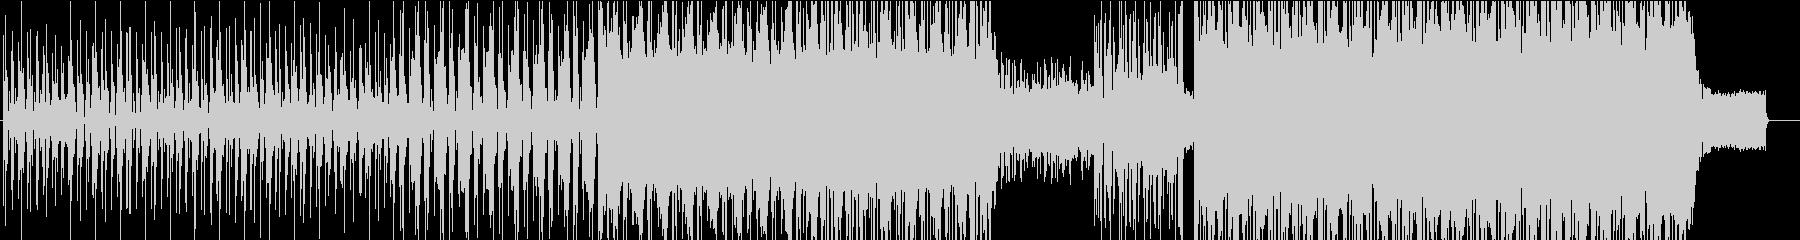 攻撃的な音のエレクトロミュージックの未再生の波形